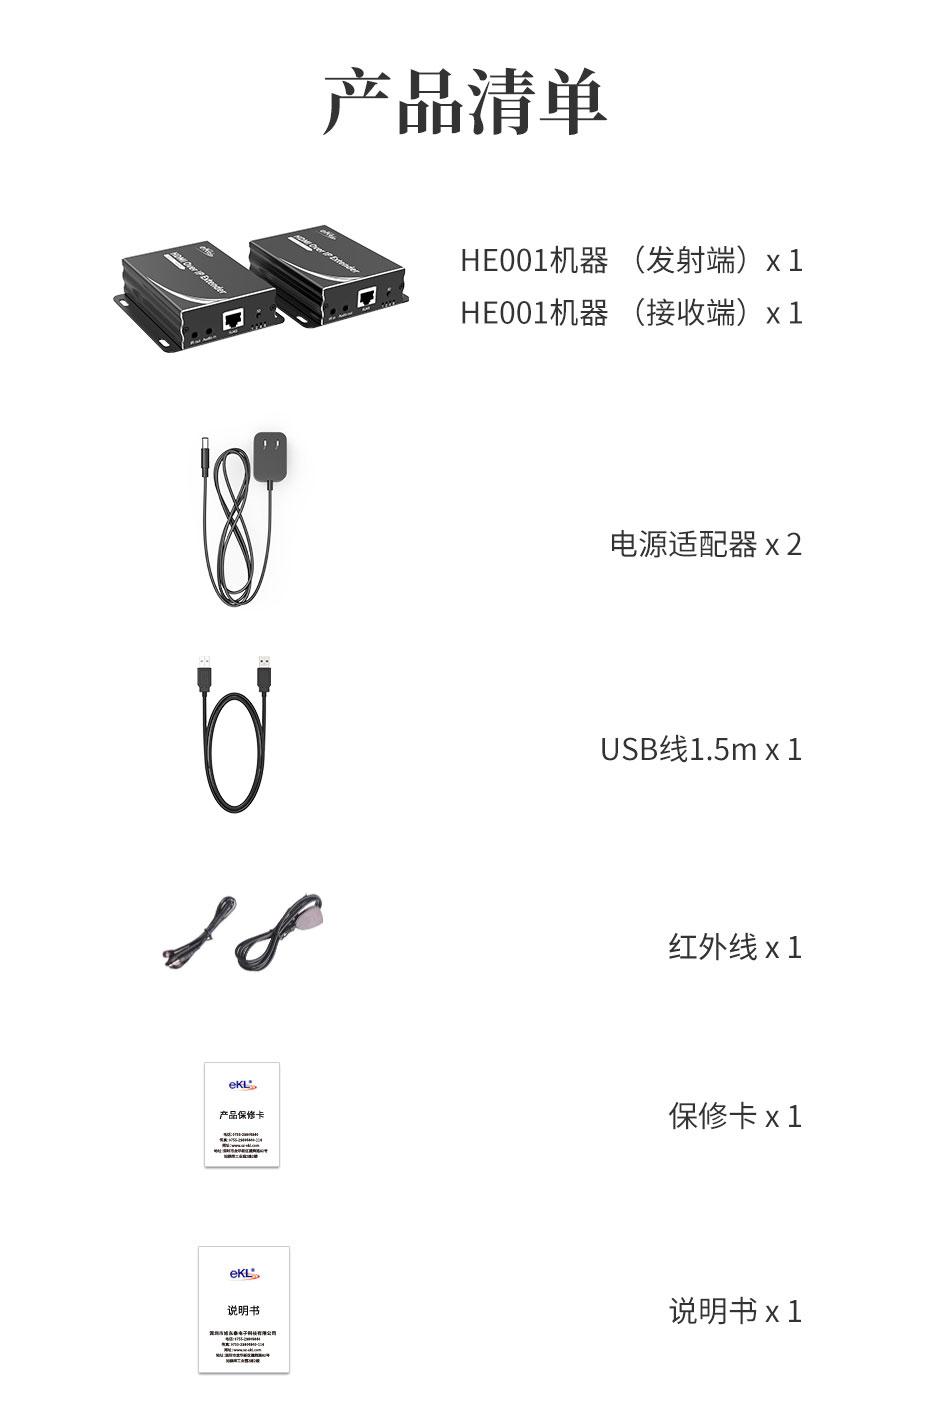 HDMI KVM光纤延长器HE001标准配件